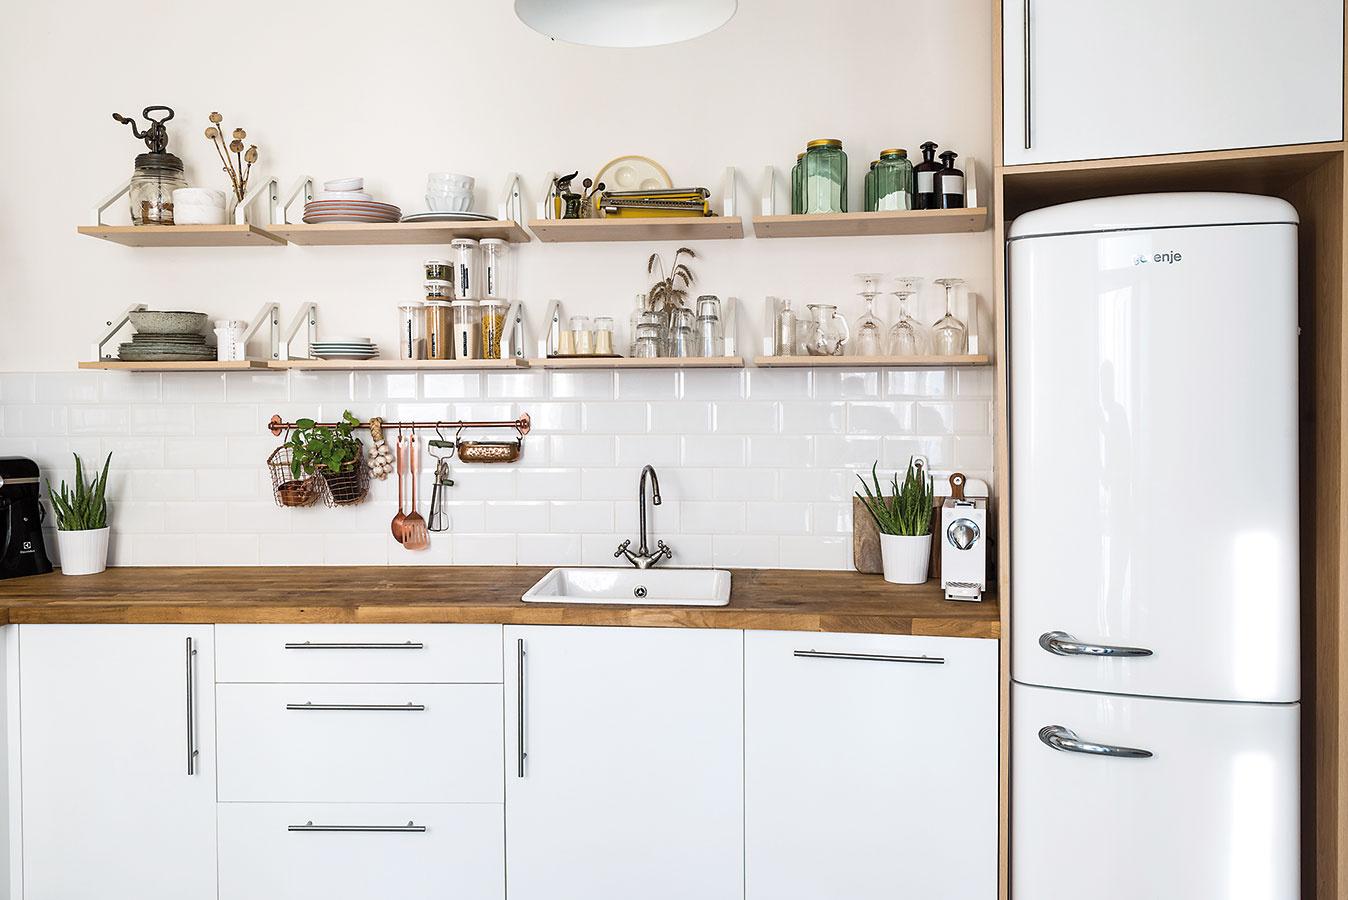 Majitelia pôvodne uvažovali ožltej chladničke, nakoniec ale uprednostnili bielu, ktorá priestor pekne doplnila.